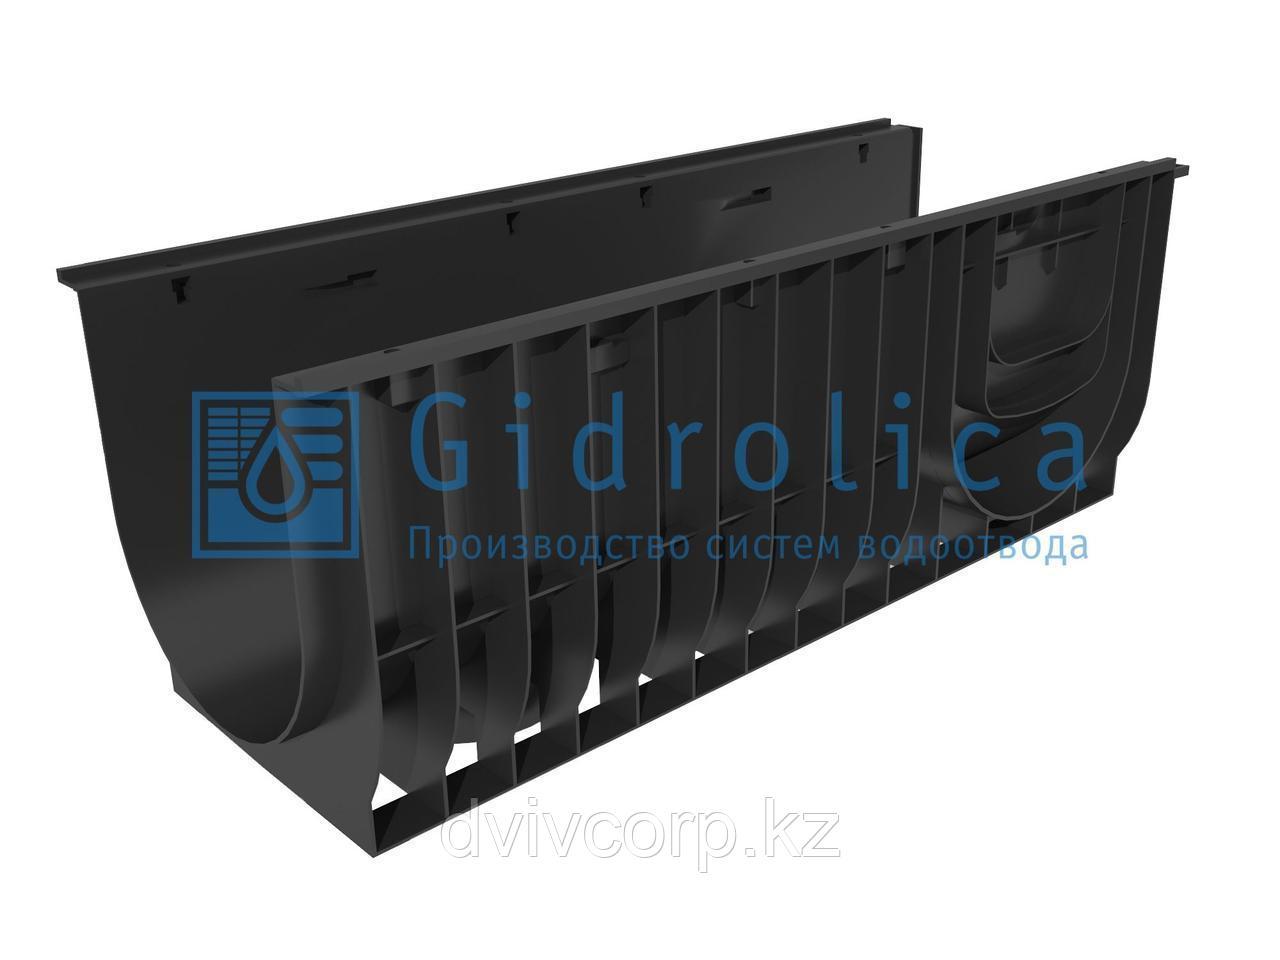 Арт. 830 Лоток водоотводный Gidrolica Standart ЛВ-30.38.38 - пластиковый